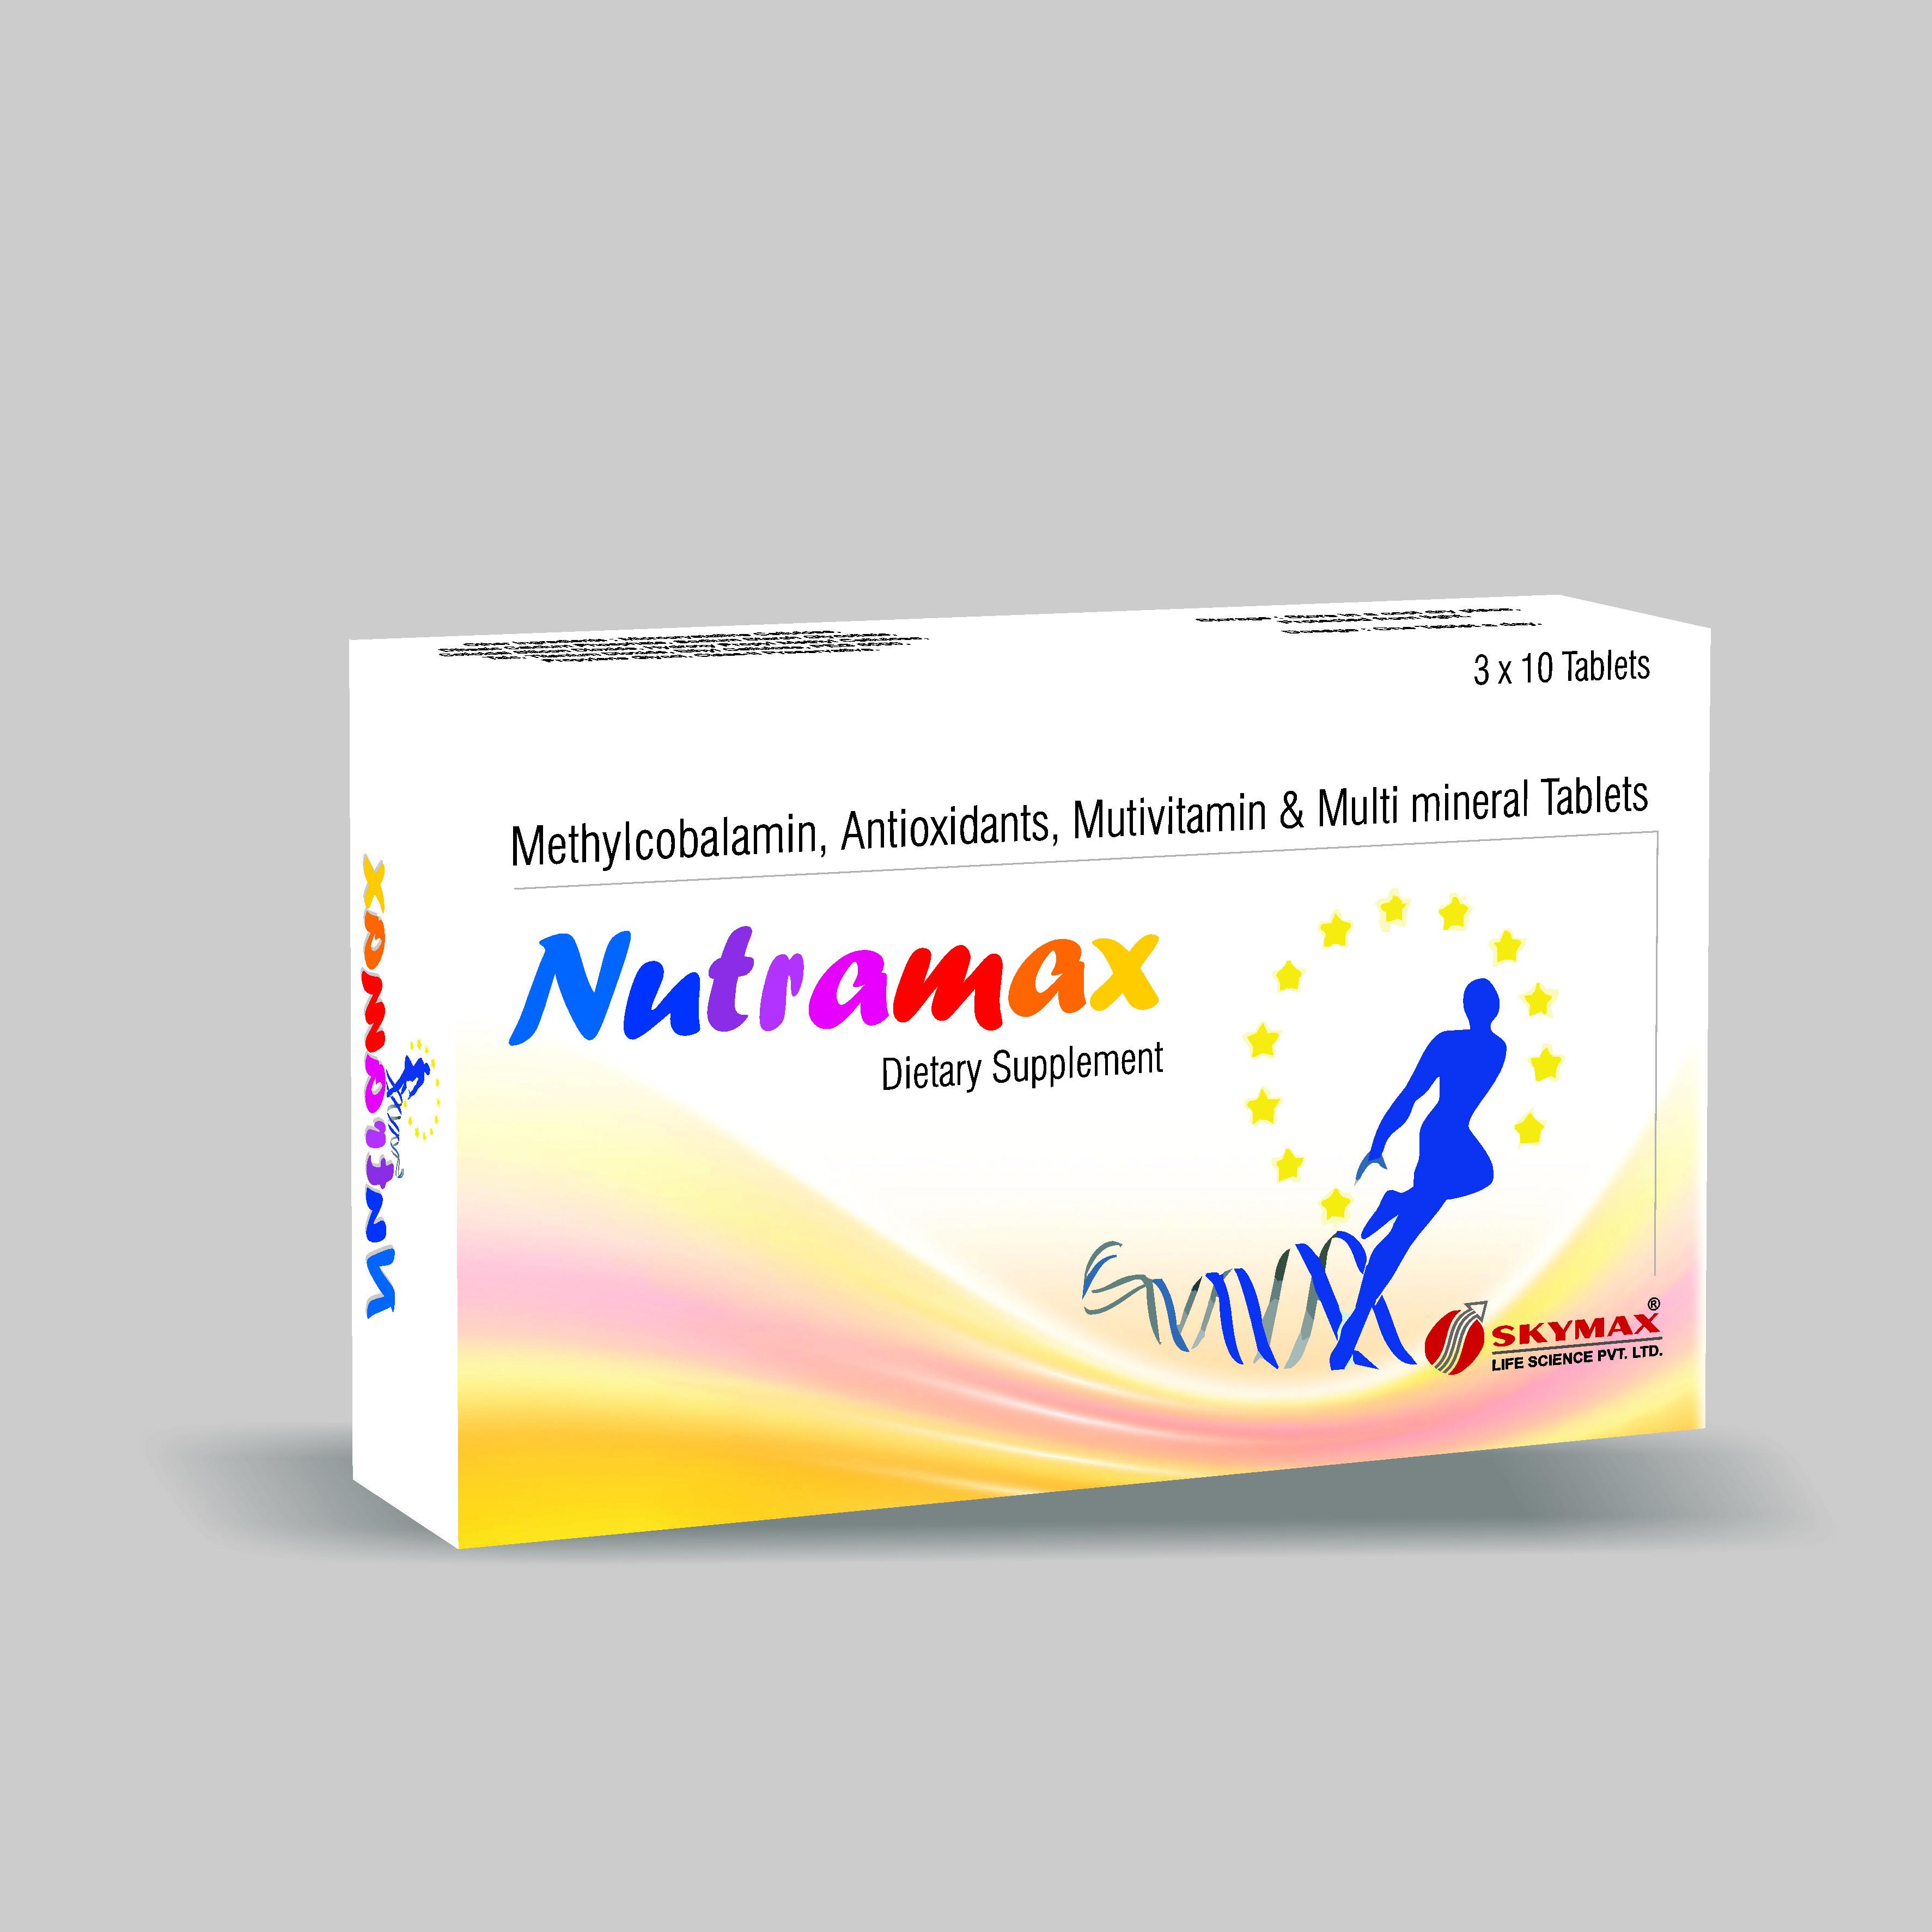 Methylcobalamin, Antioxidants, Mutivitamin & Multi Mineral Tablets